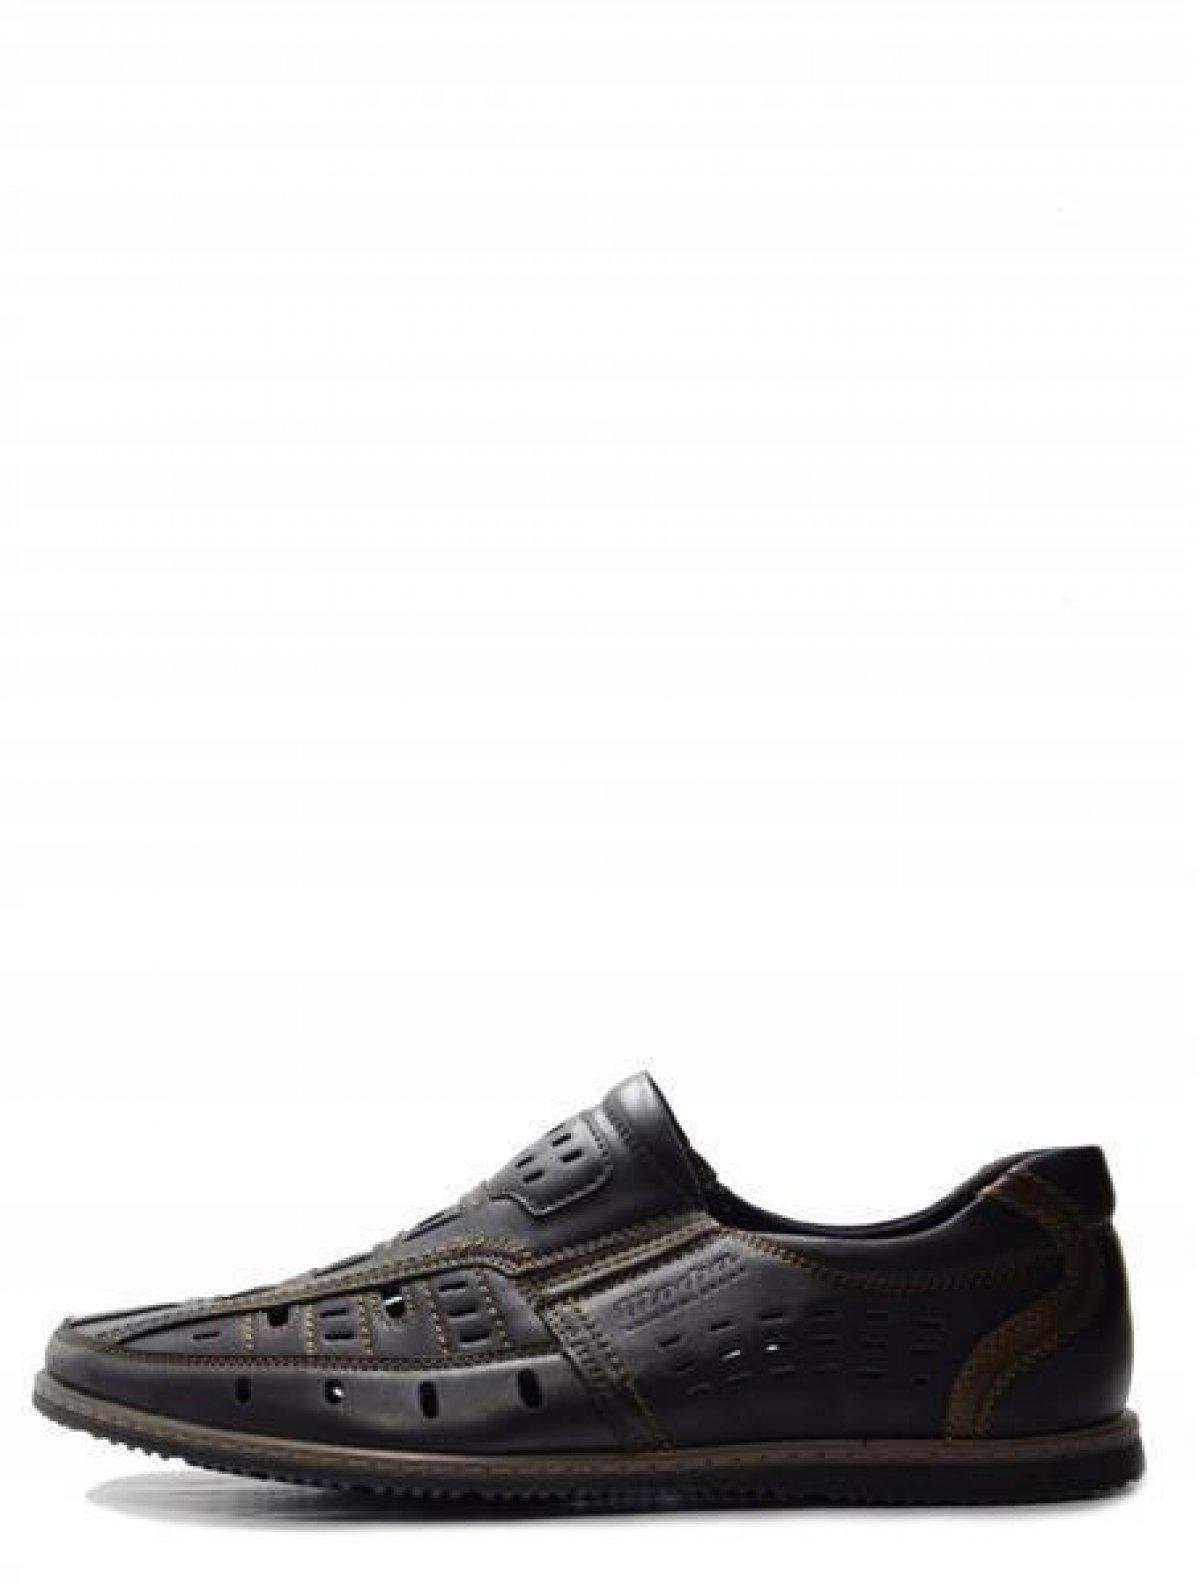 617776-5 туфли мужские